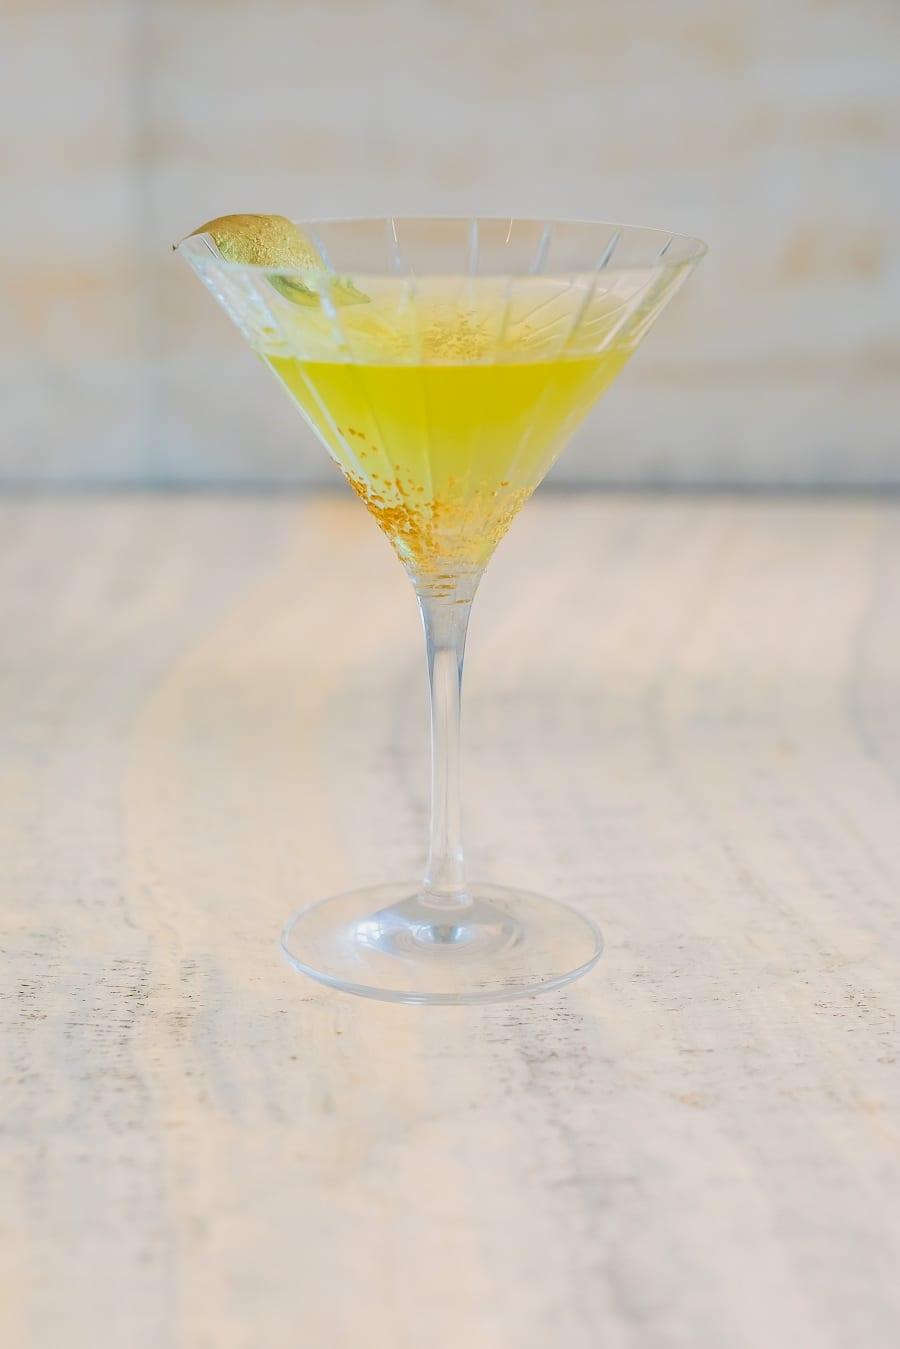 Il re: cocktail in coppa Martini dedicato a Giorgio Armani al Bamboo Bar